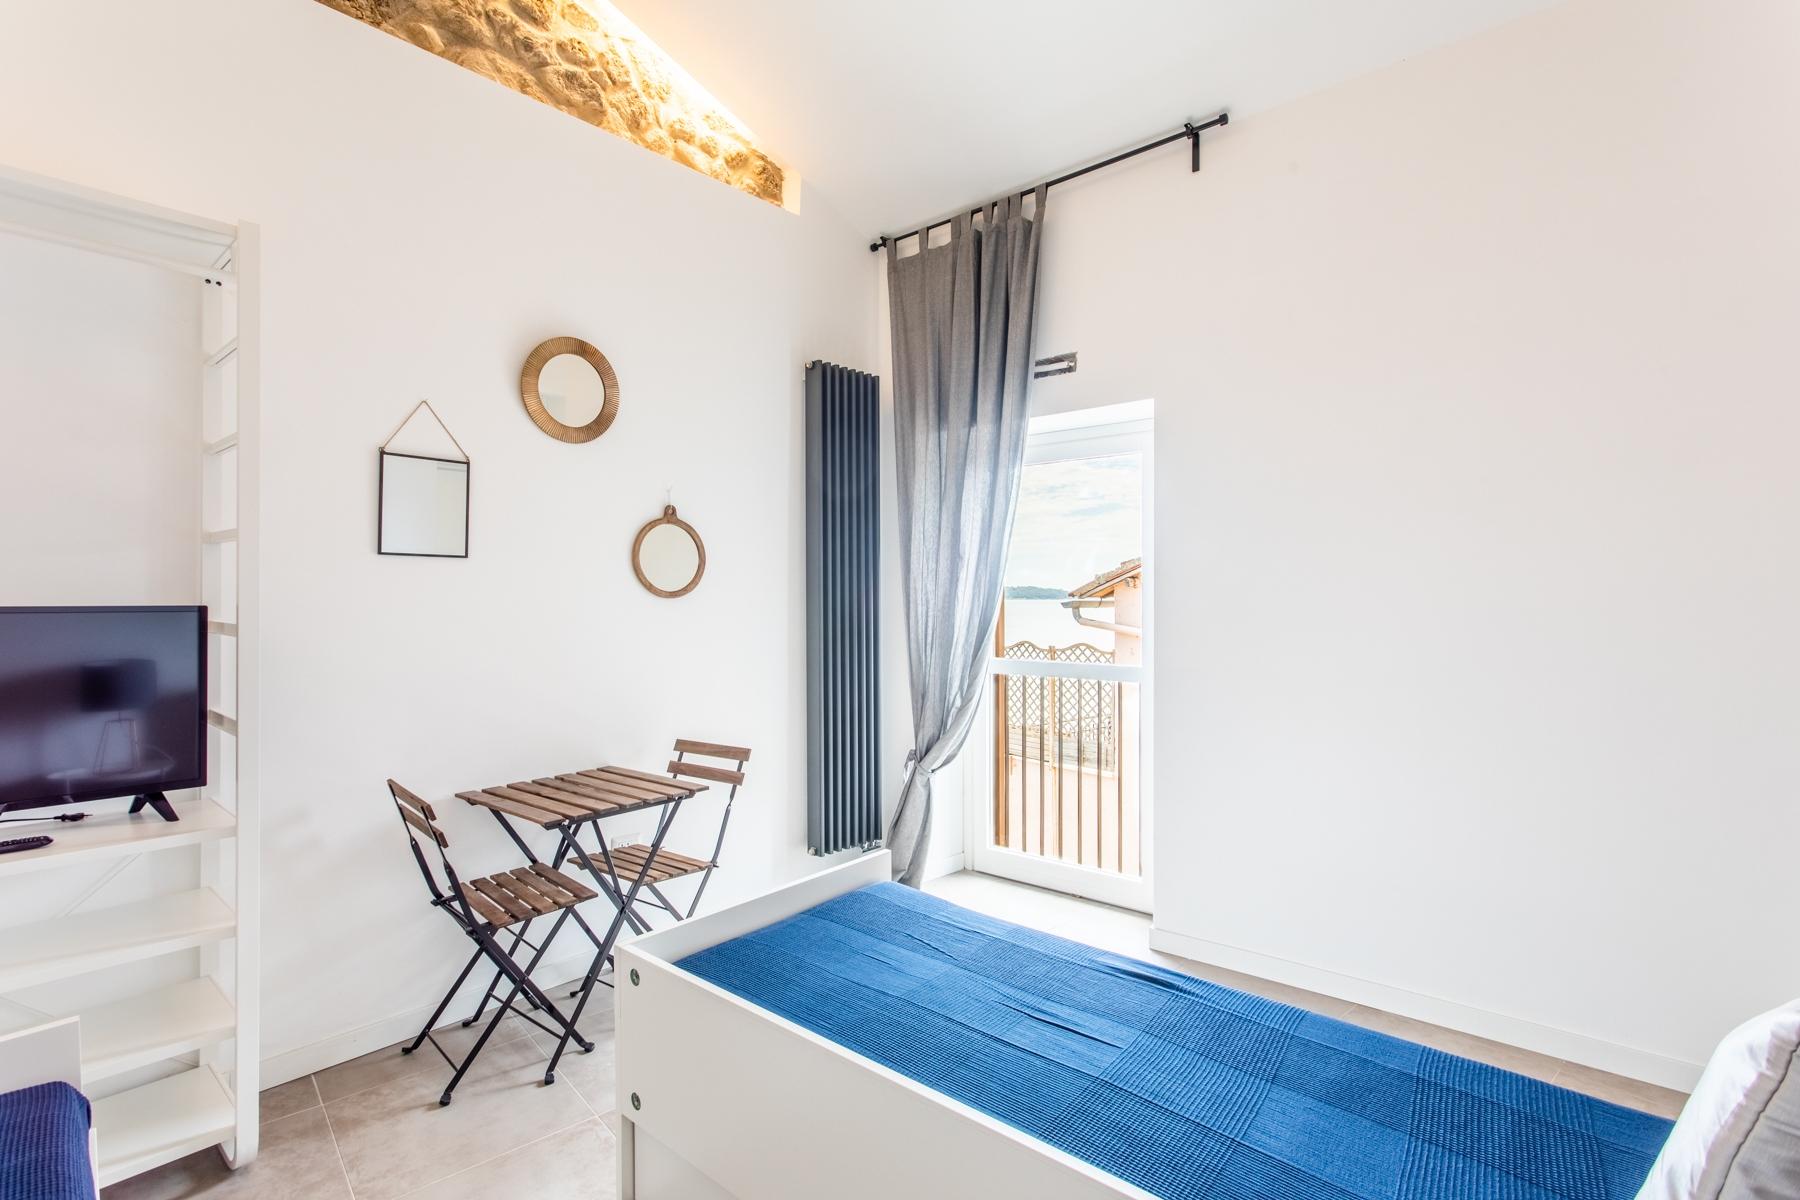 Casa indipendente in Vendita a Trevignano Romano: 5 locali, 163 mq - Foto 6